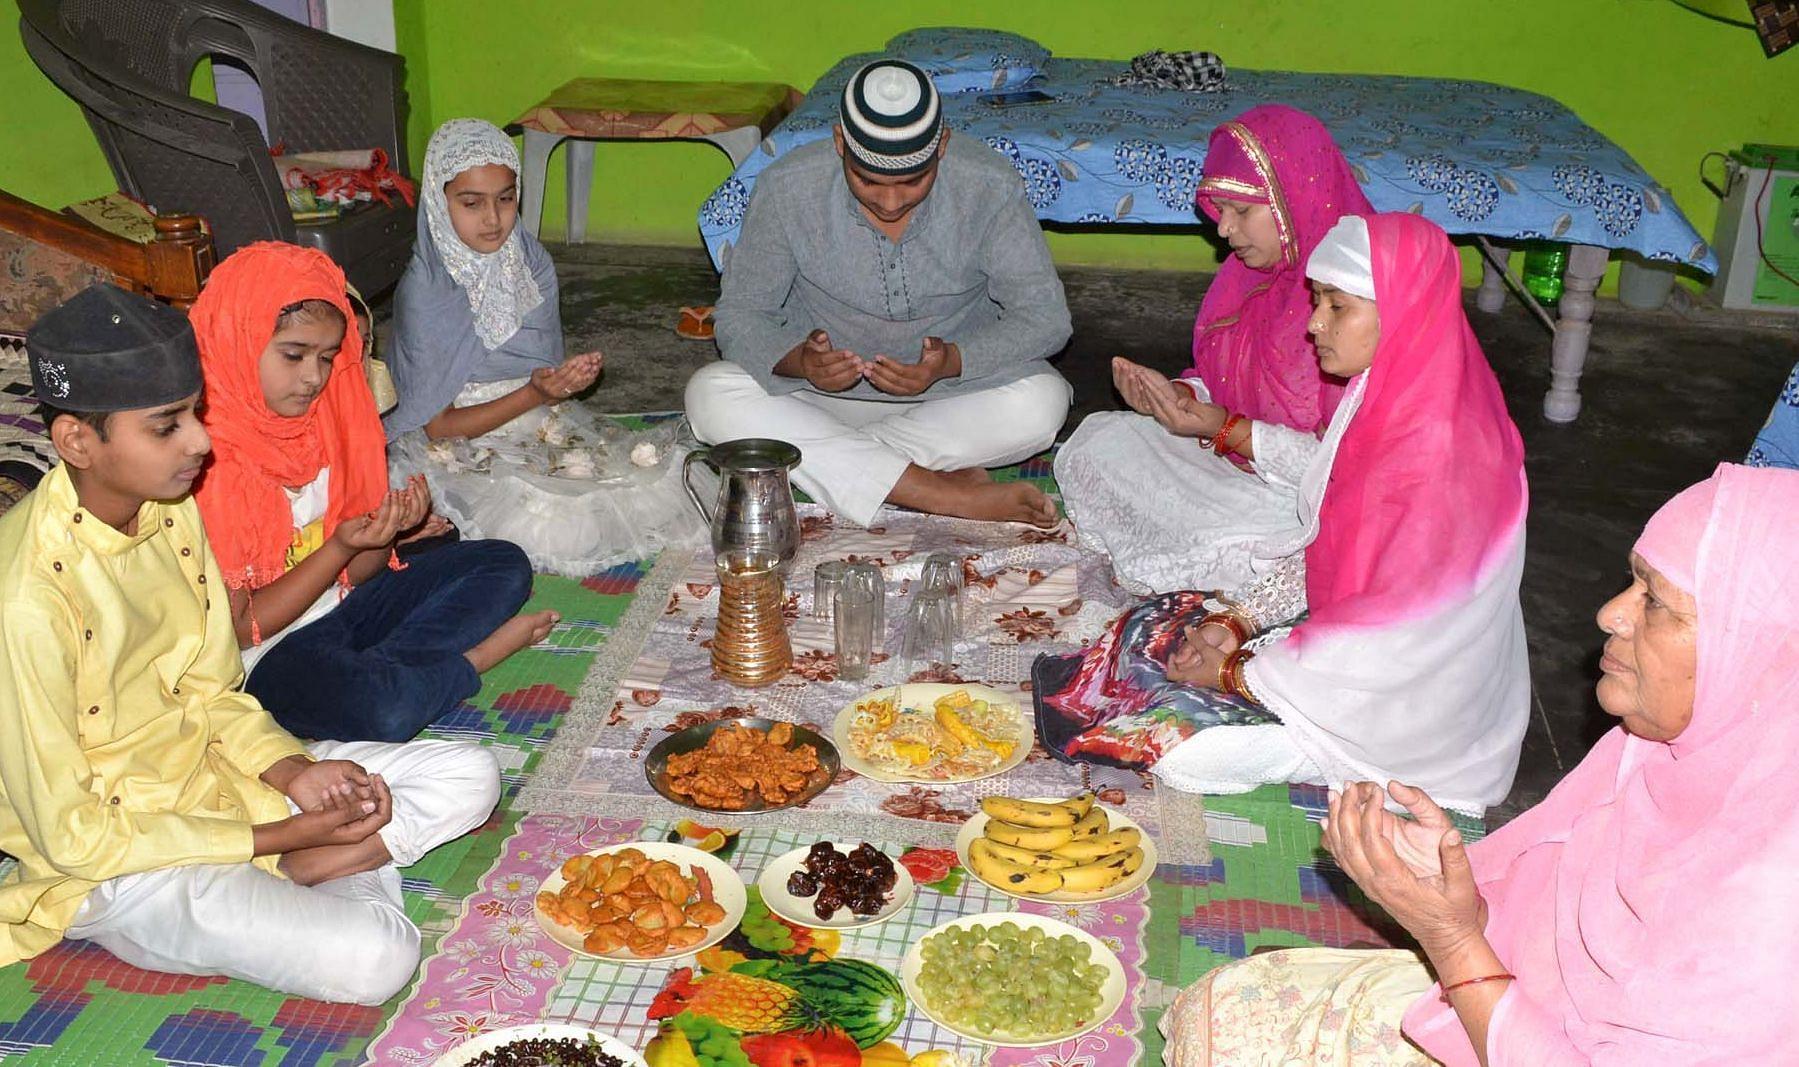 फोटो- 9- चित्रकूट के कजियाना मोहल्ले में कोरोना के चलते घर में ही पकवान खाने के पहले ईद उल अजहा की नम